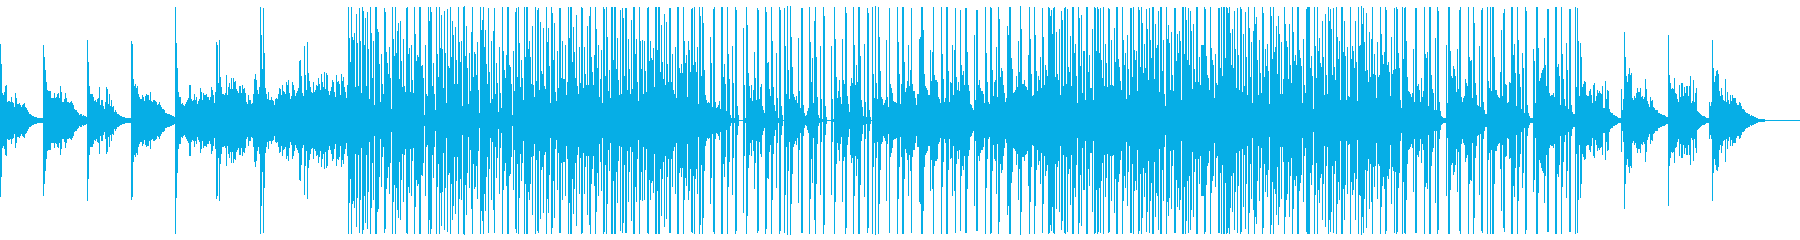 ダークなエレクトロBGM(ベース抜きの再生済みの波形